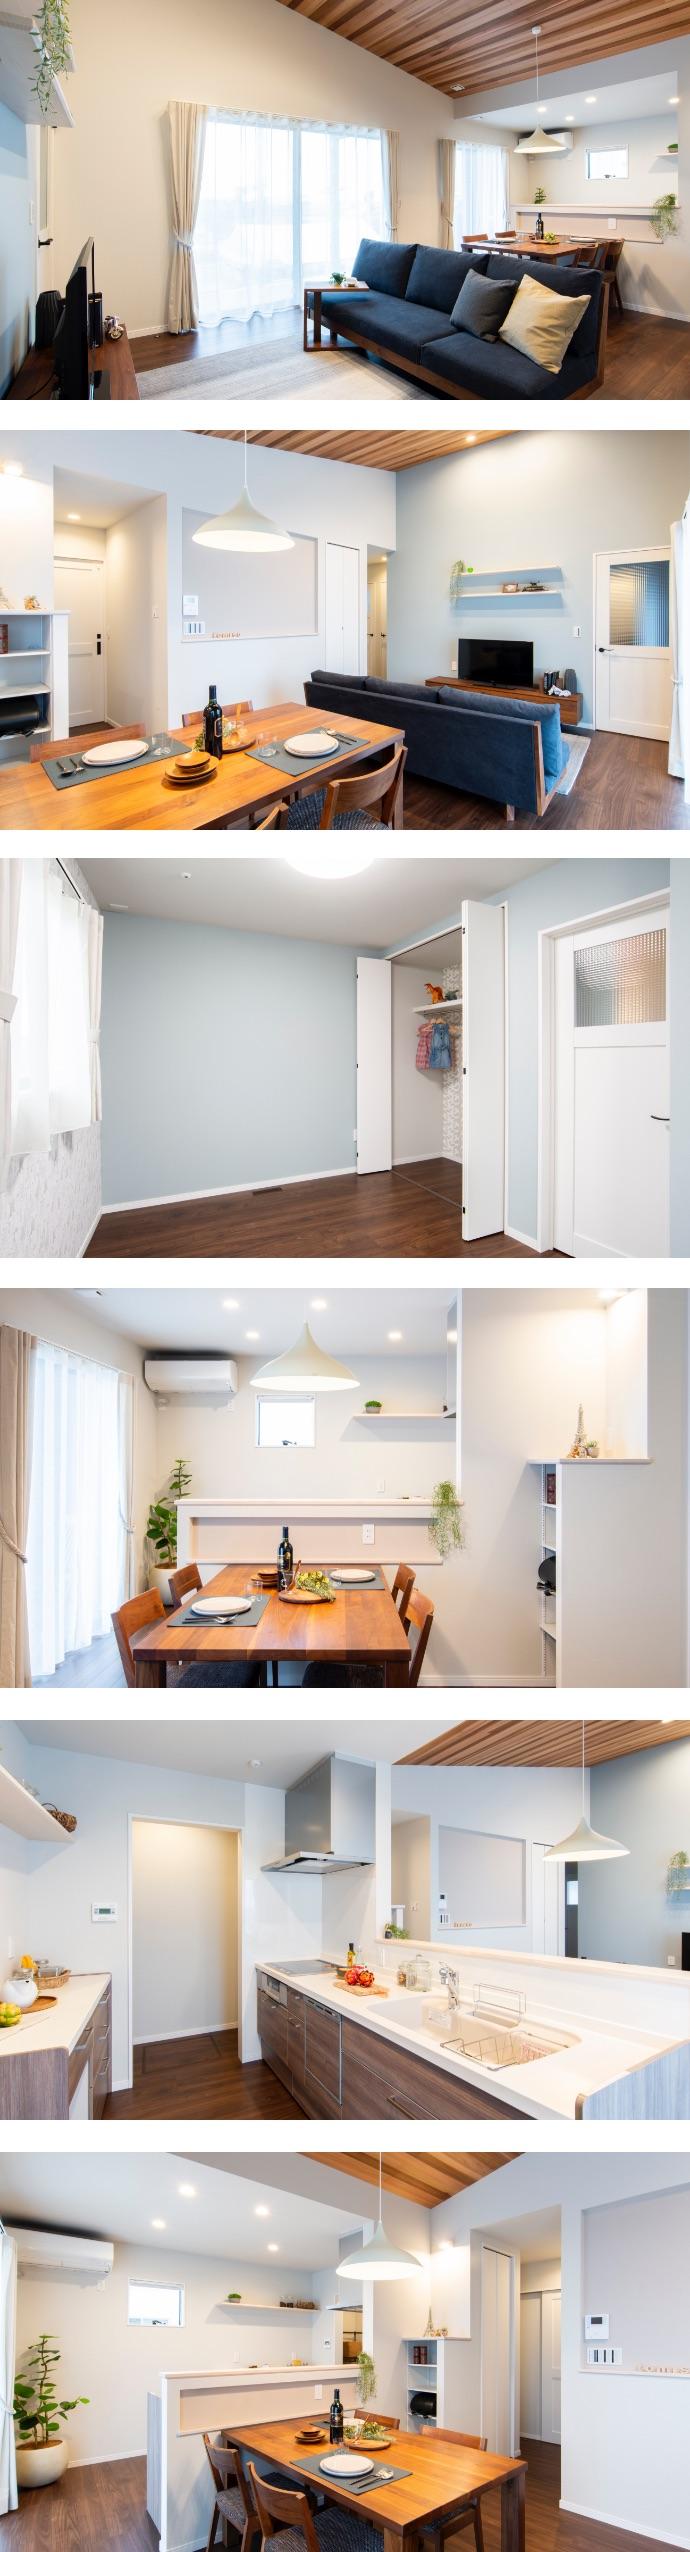 画像:室内の写真